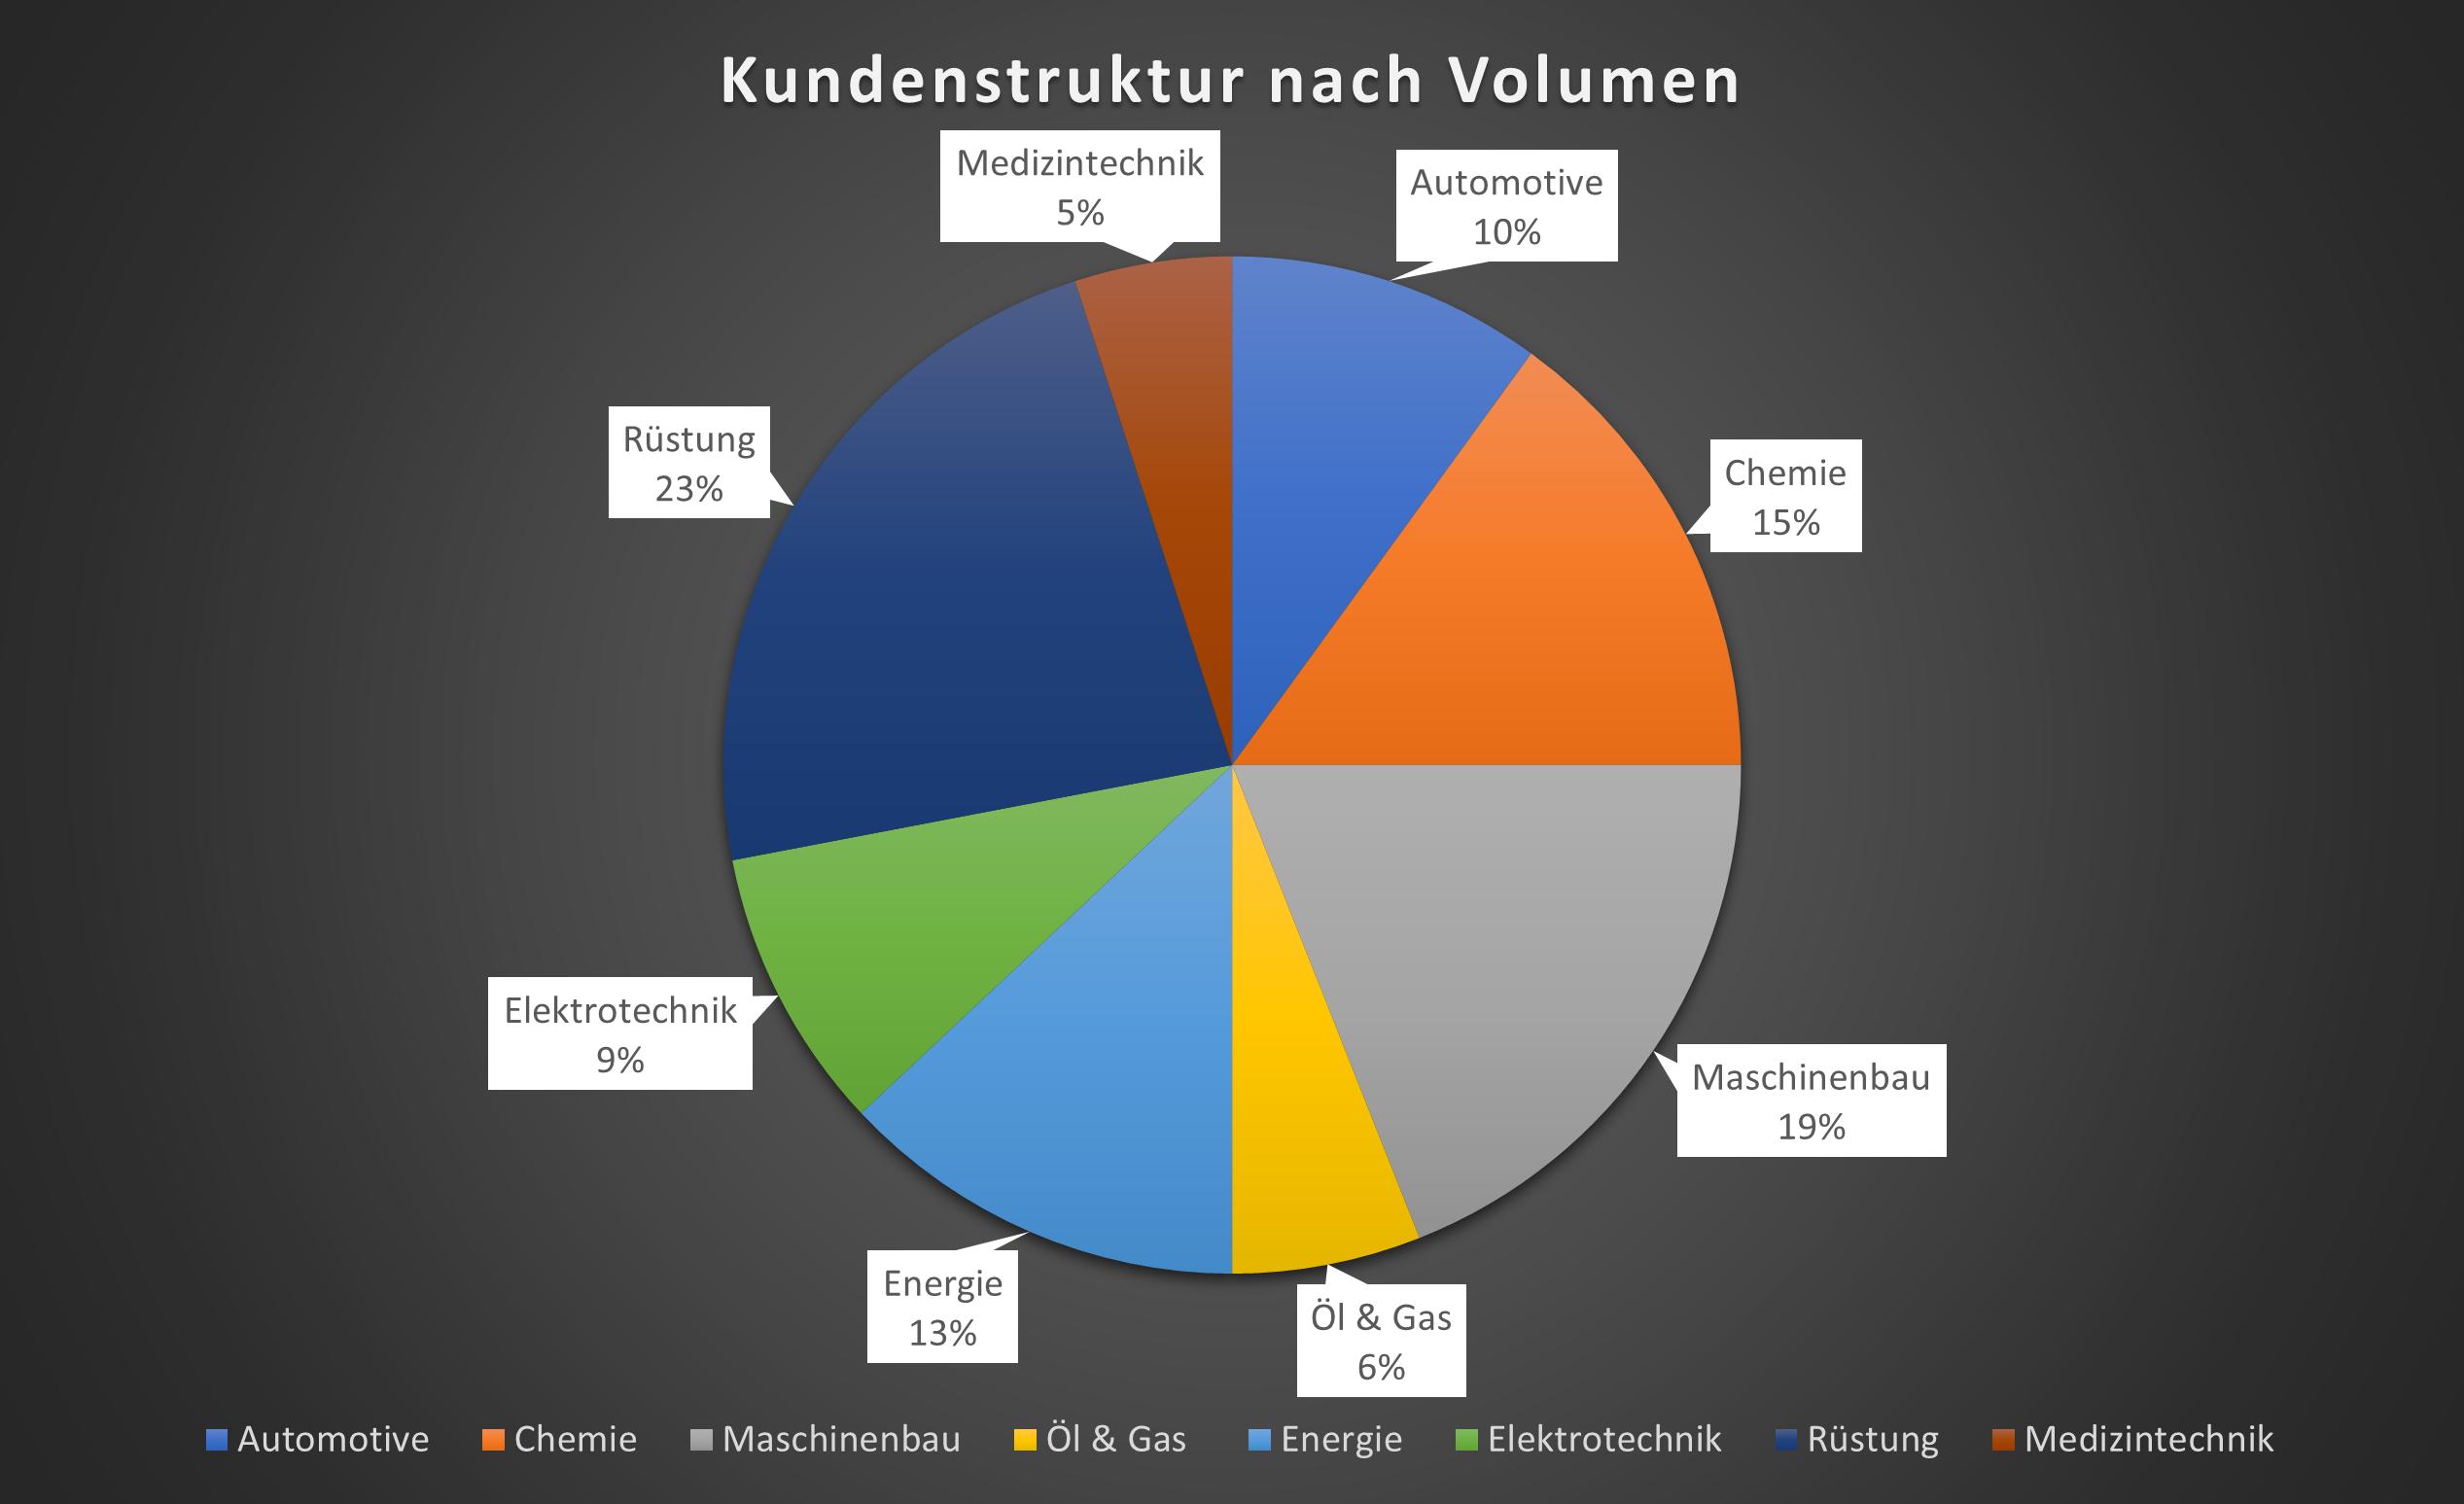 Darstellung der Kundenstruktur nach Volumen